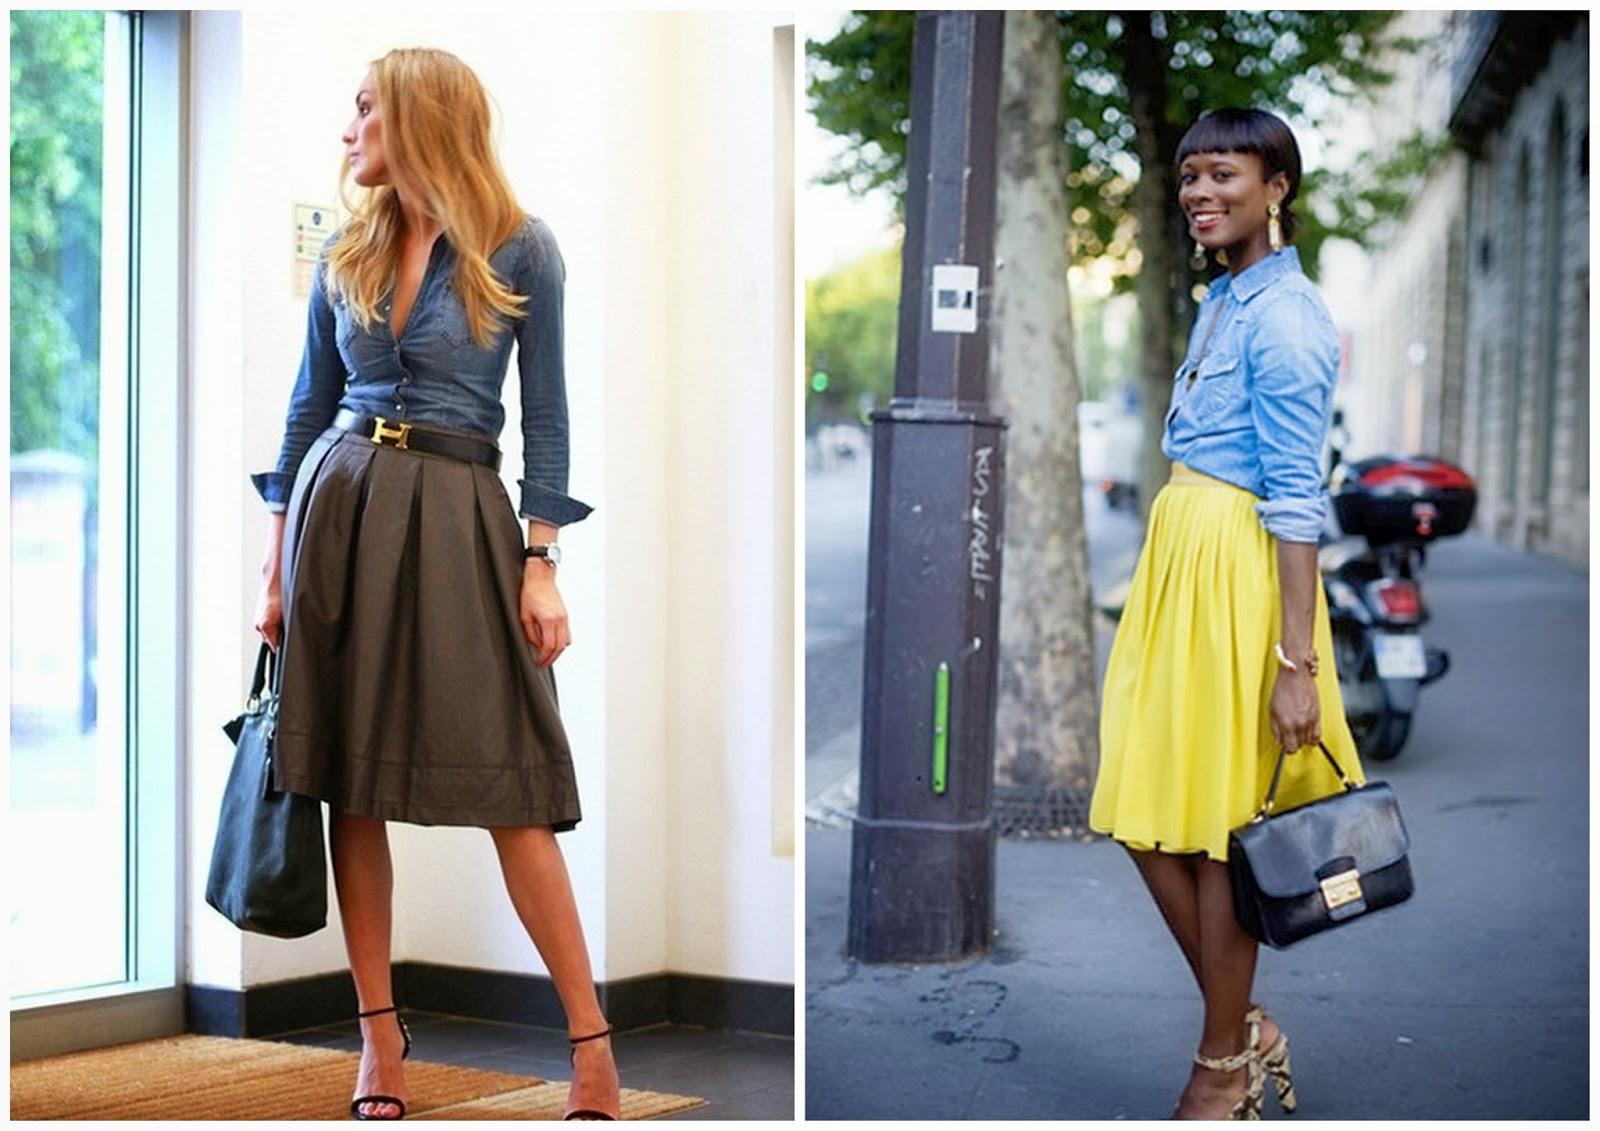 Fotos de mujeres vestidas casual